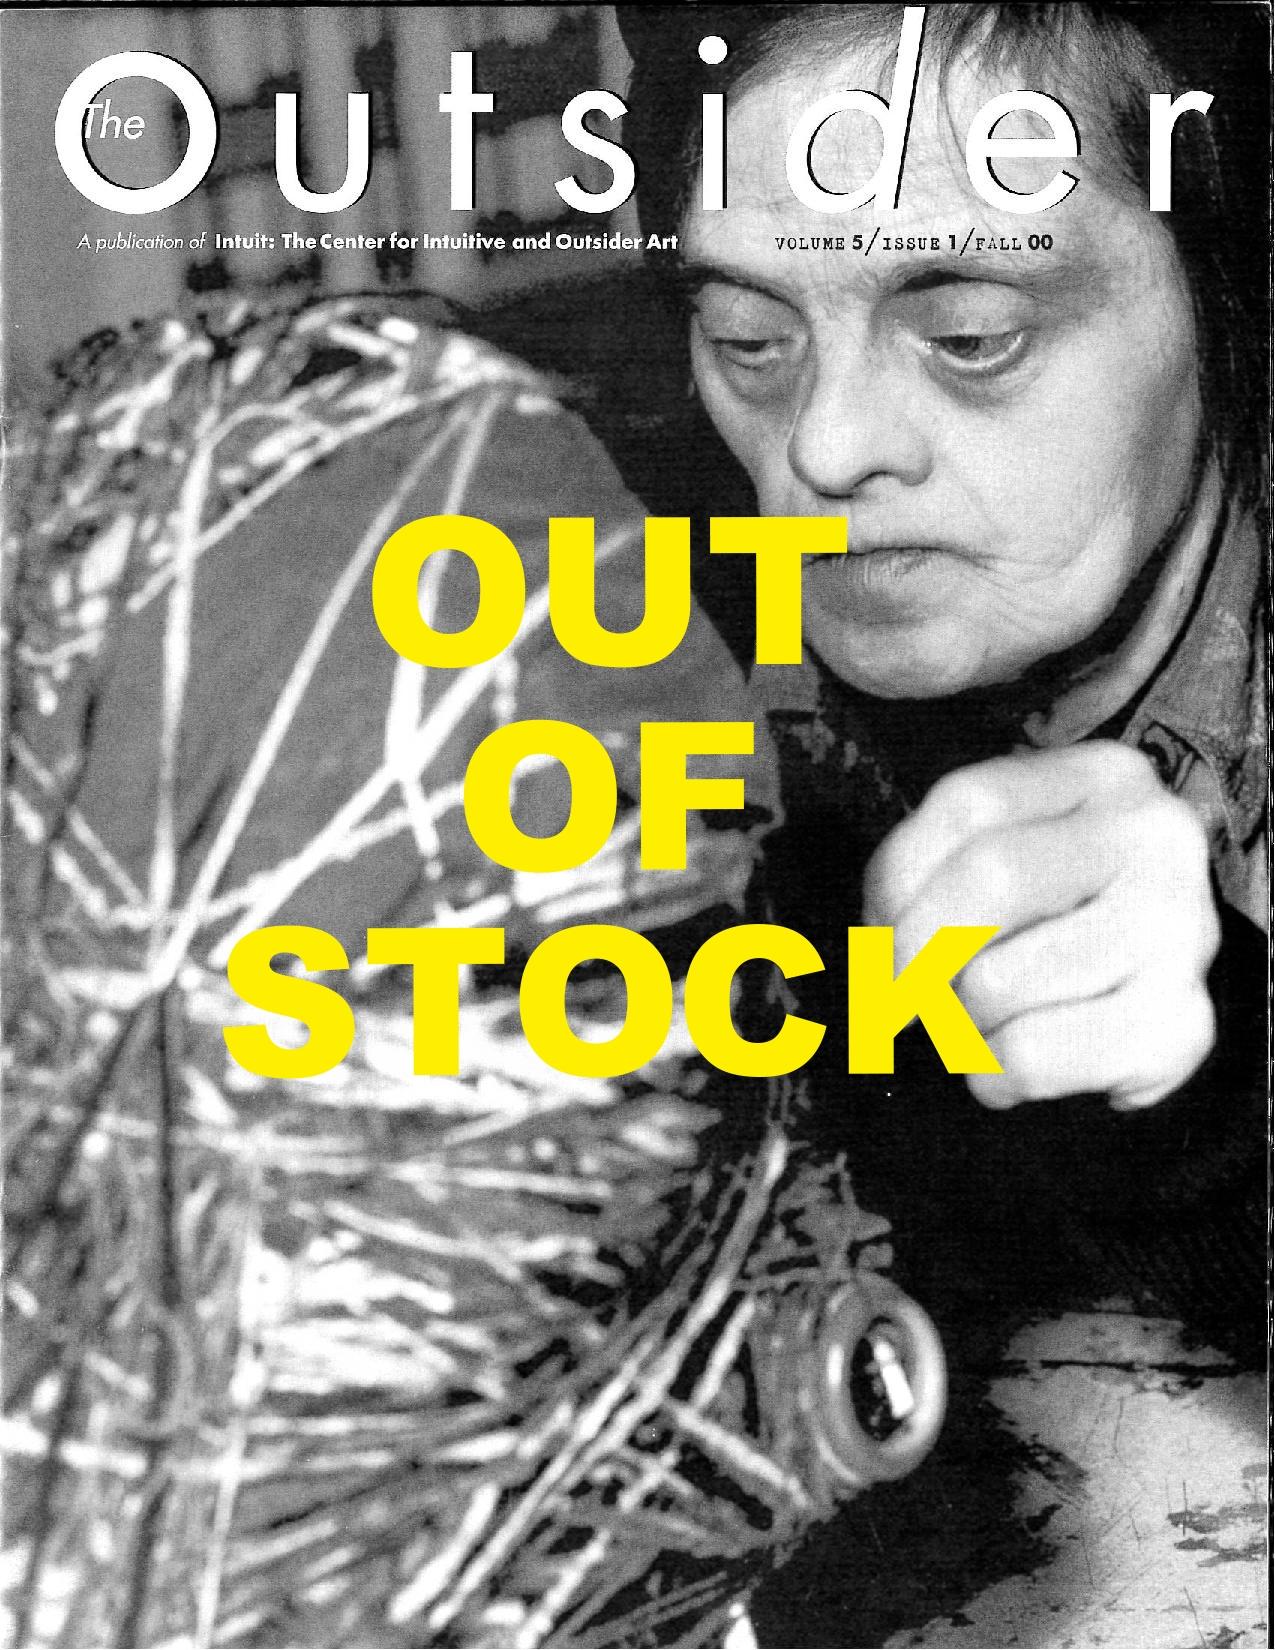 Volume 5 Issue 1 2000